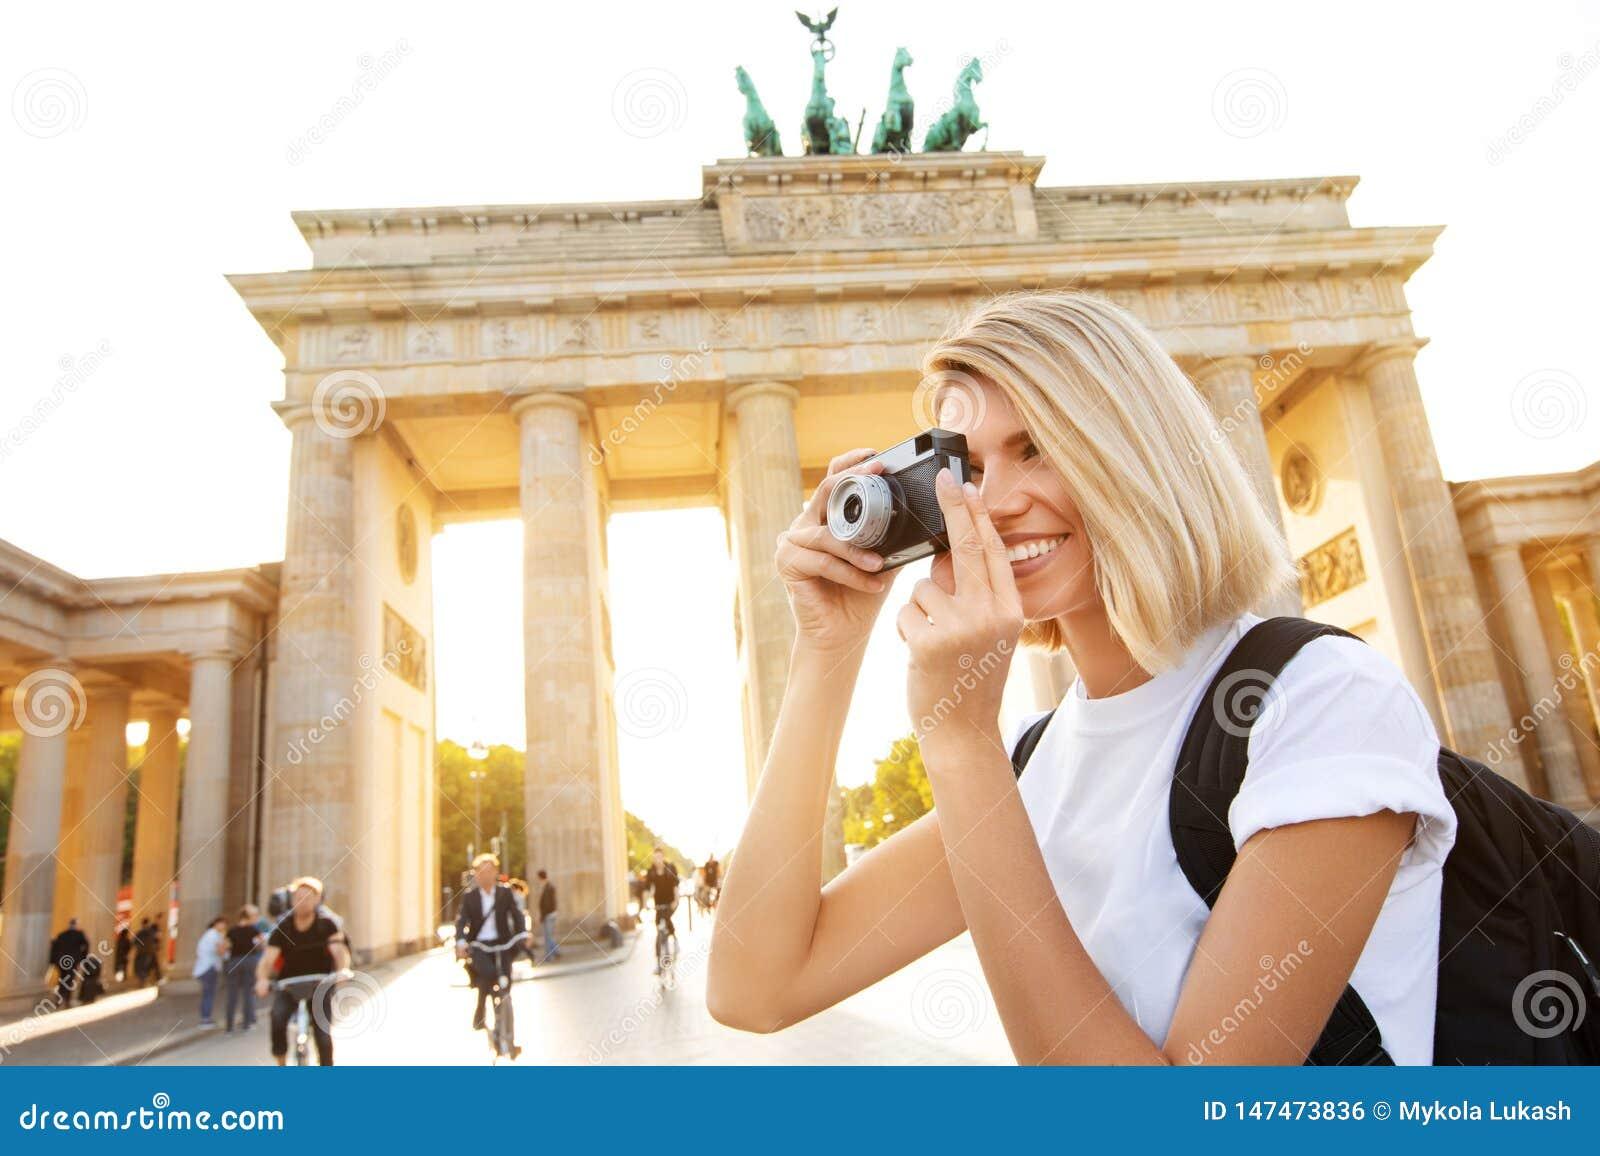 Ταξίδι στο Βερολίνο, ευτυχής γυναίκα τουριστών με τη κάμερα μπροστά από την πύλη του Βραδεμβούργου, Βερολίνο, Γερμανία